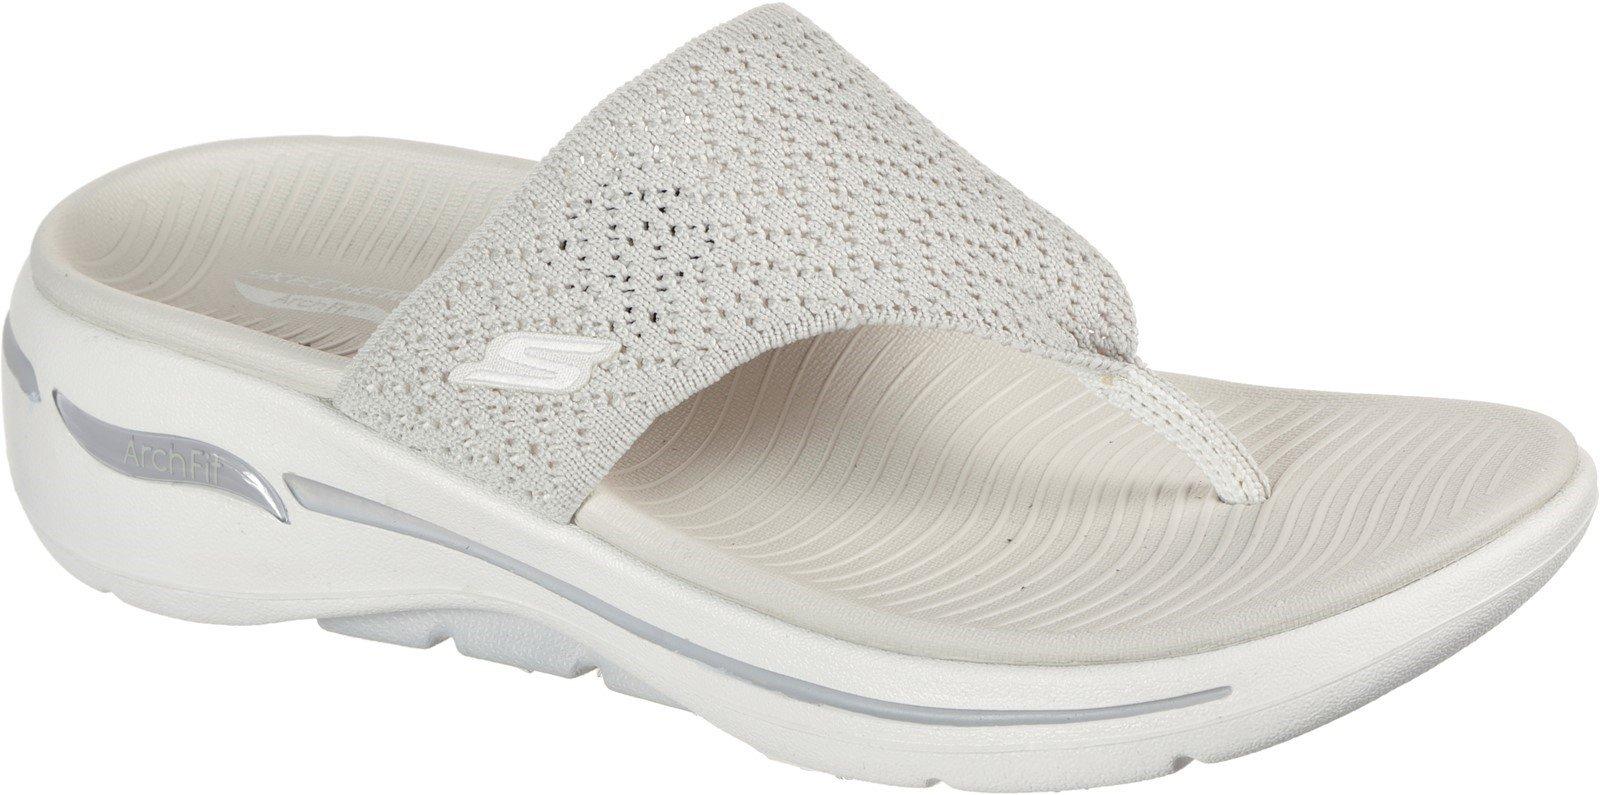 Skechers Women's Go Walk Arch Fit Sandal Various Colours 32151 - Natural 3